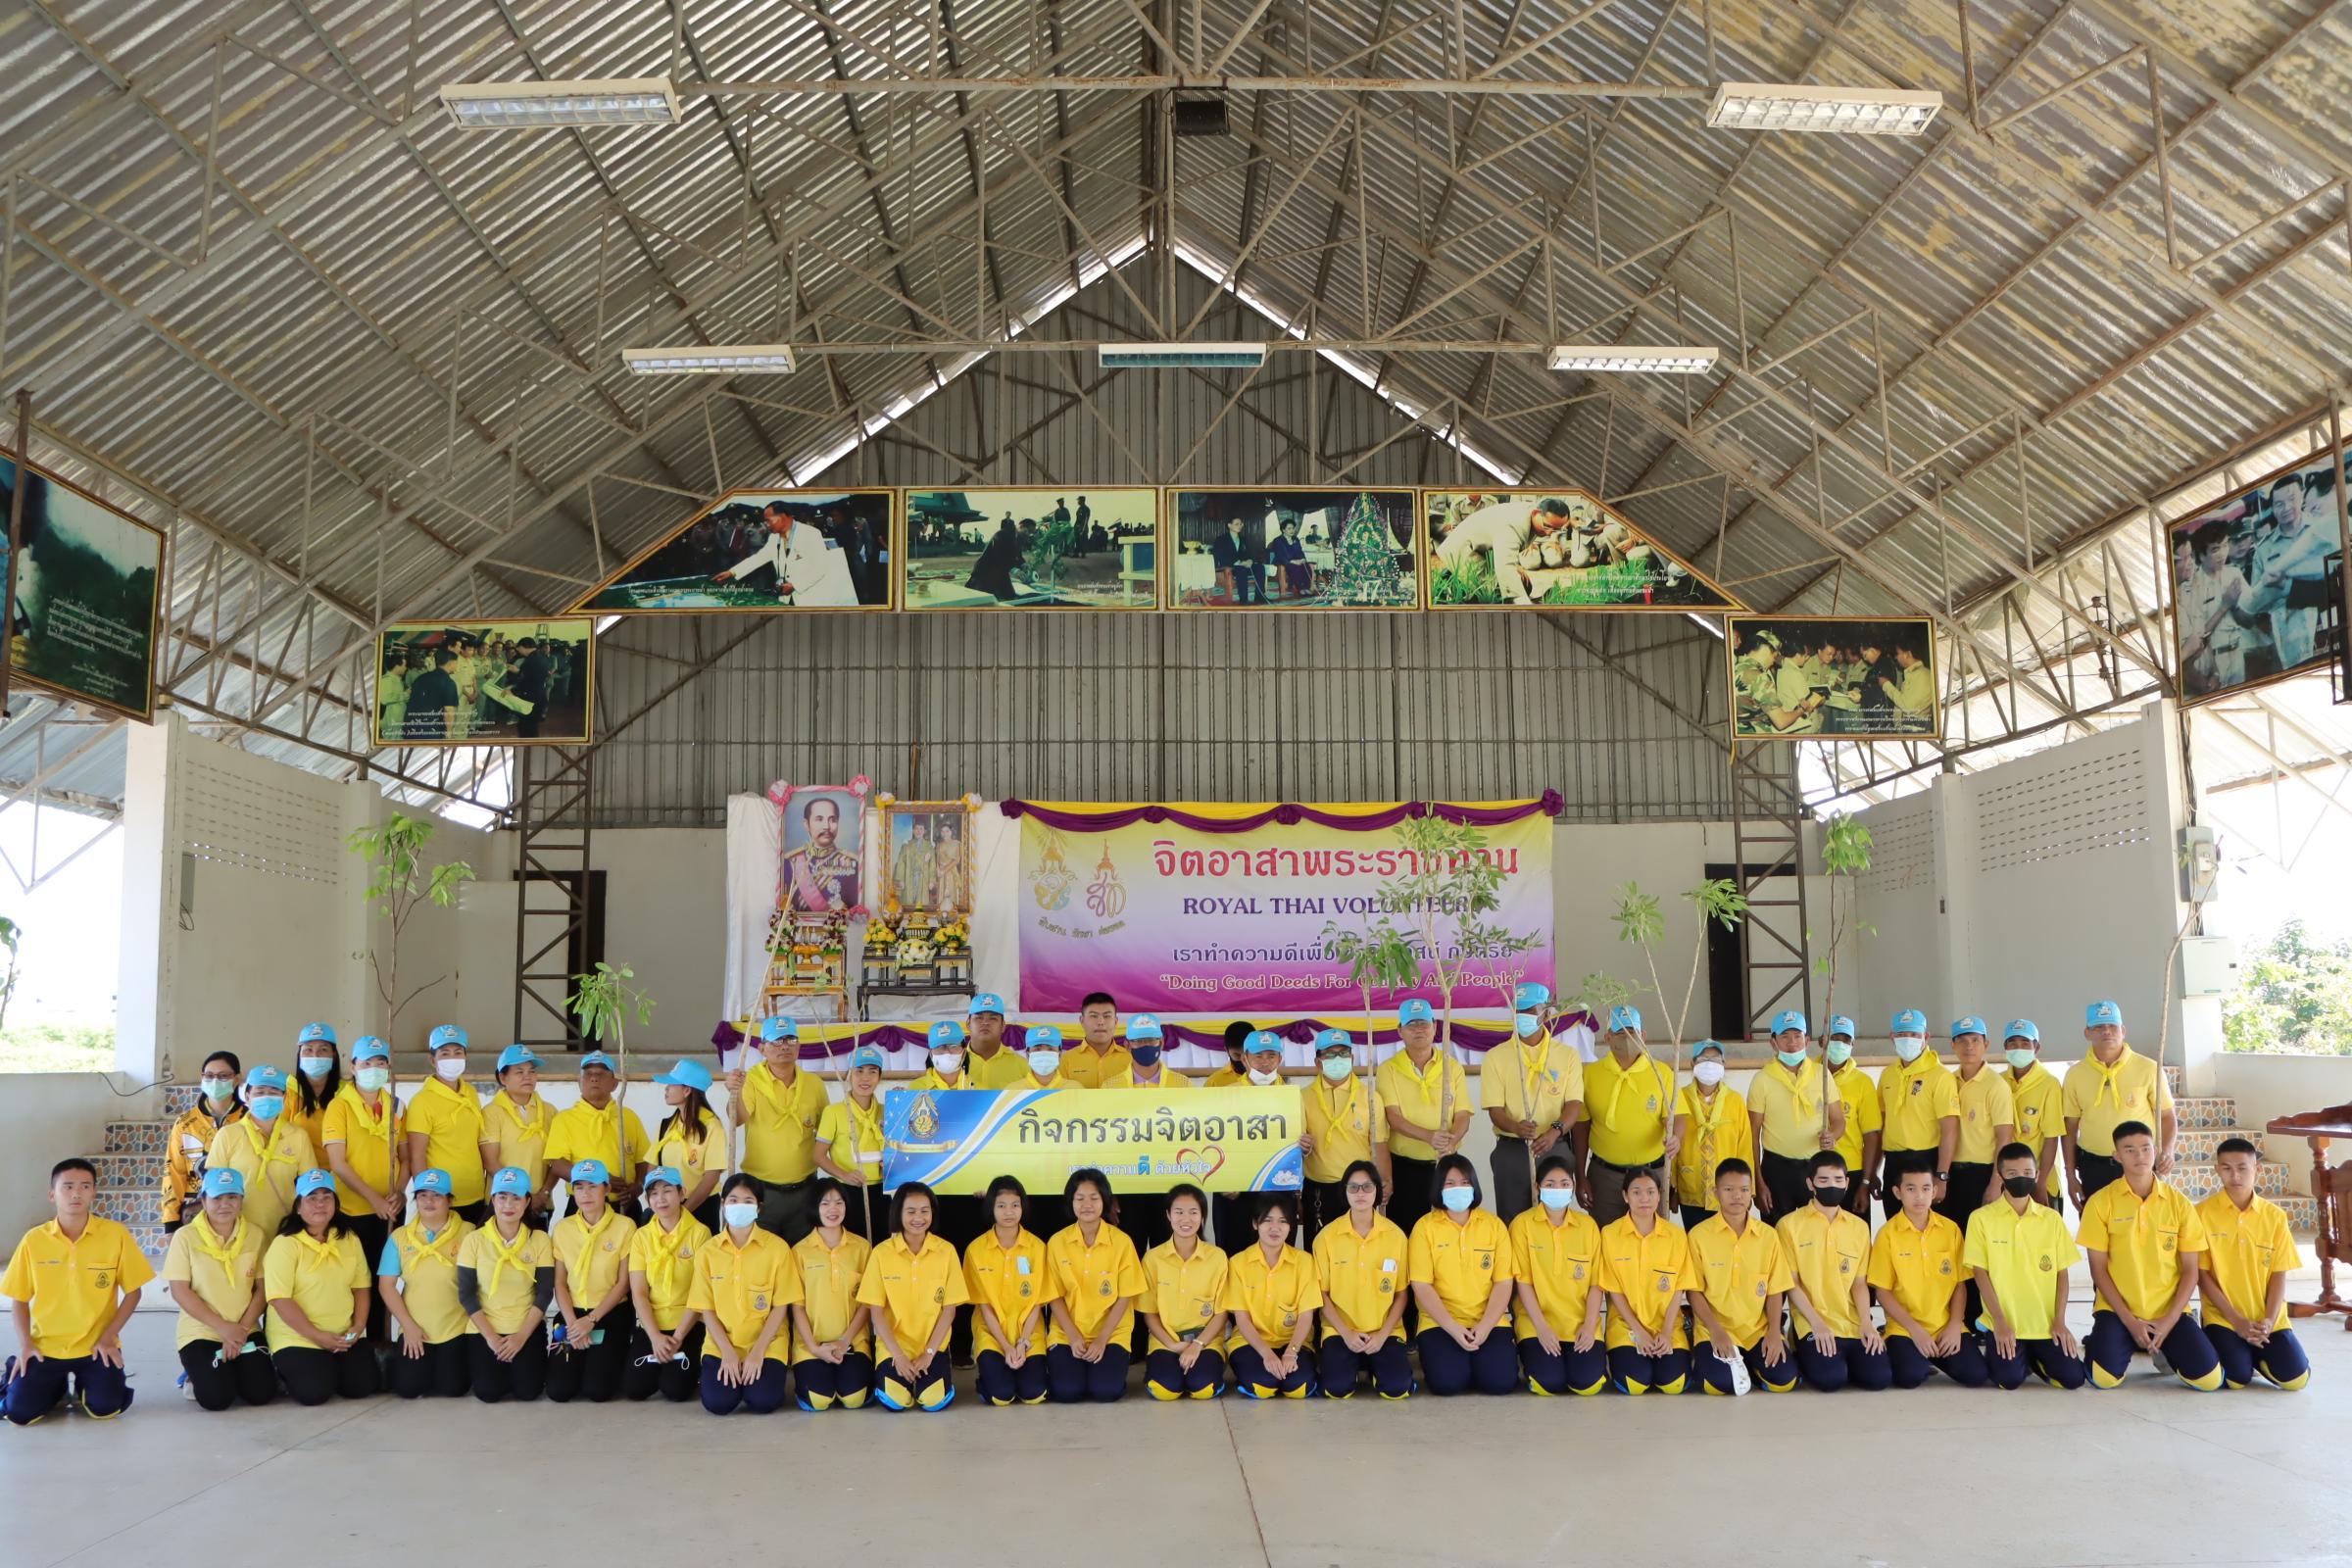 """โรงเรียนกาญจนาภิเษกวิทยาลัย กาฬสินธุ์  ร่วมกิจกรรมจิตอาสา """"เราทำความดีเพื่อชาติ  ศาสน์  กษัตริย์ """" เนื่องในวันคล้ายวันสวรรคต  พระบาทสมเด็จพระจุลจอมเกล้าเจ้าอยู่หัว 23 ตุลาคม  2563"""